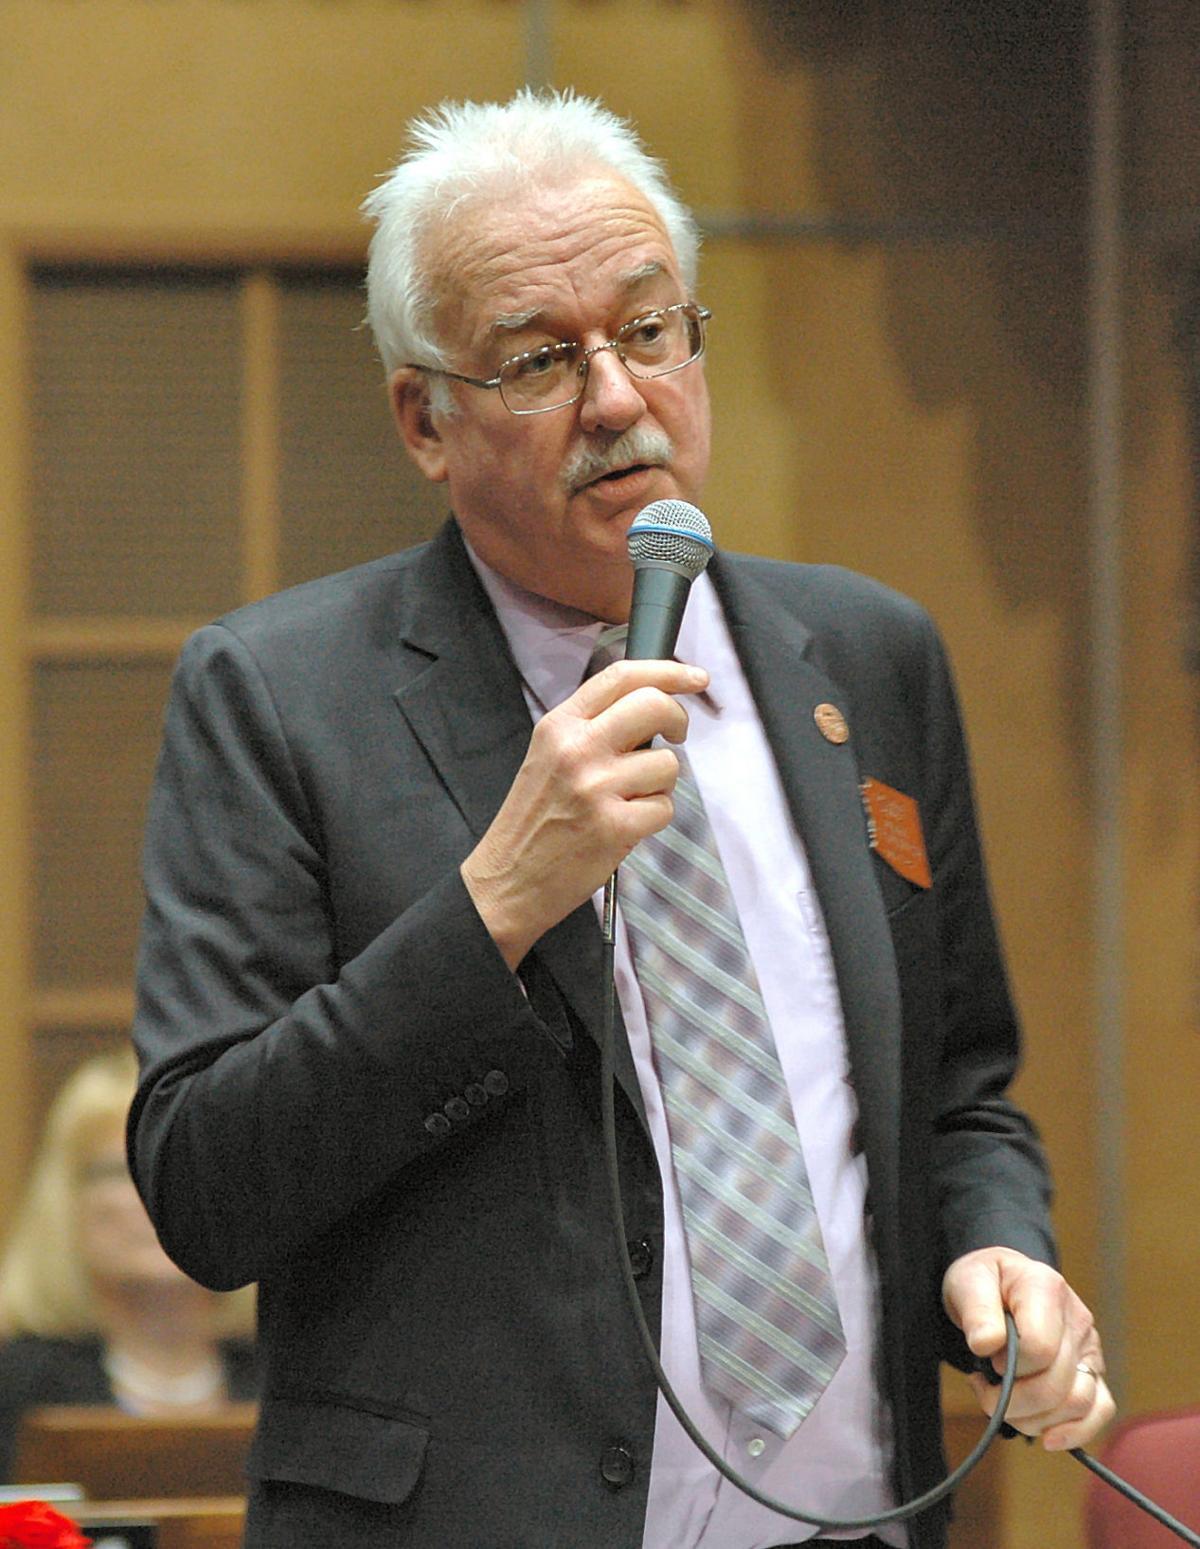 Sen. John Kavanagh